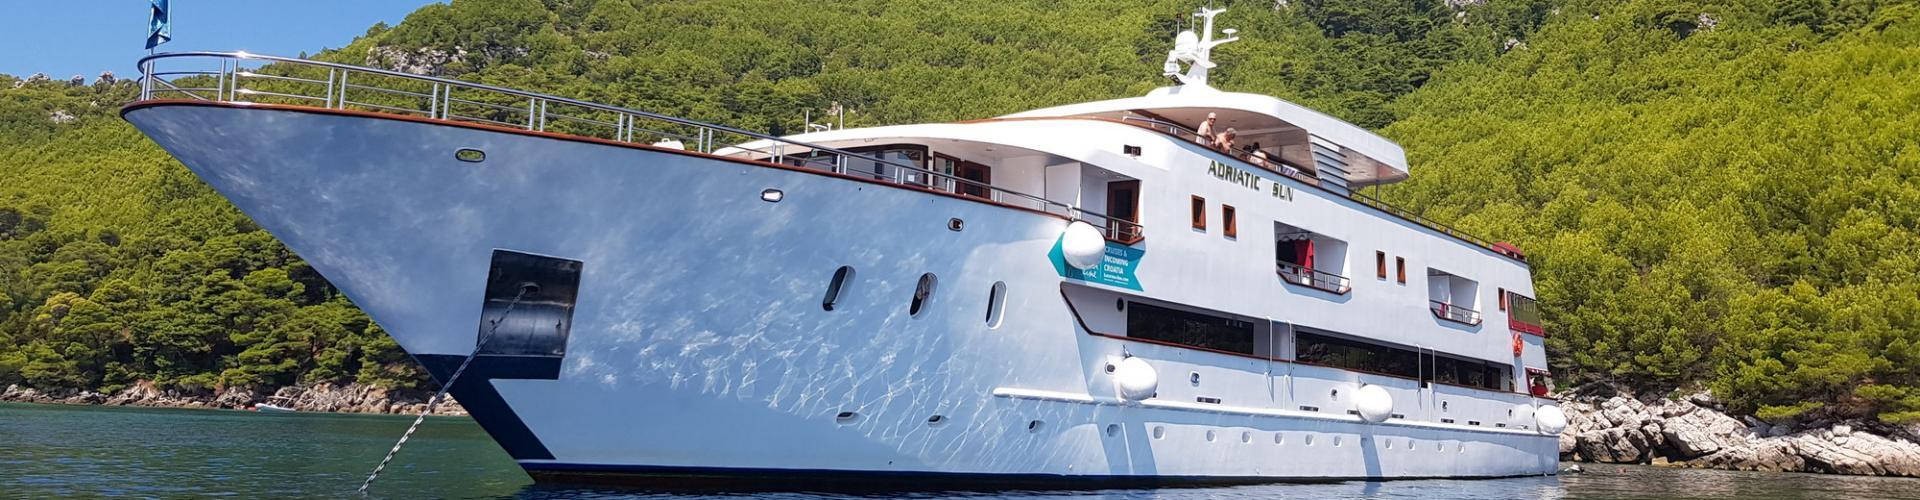 2018. Deluxe Superior cruiser MV Adriatic Sun